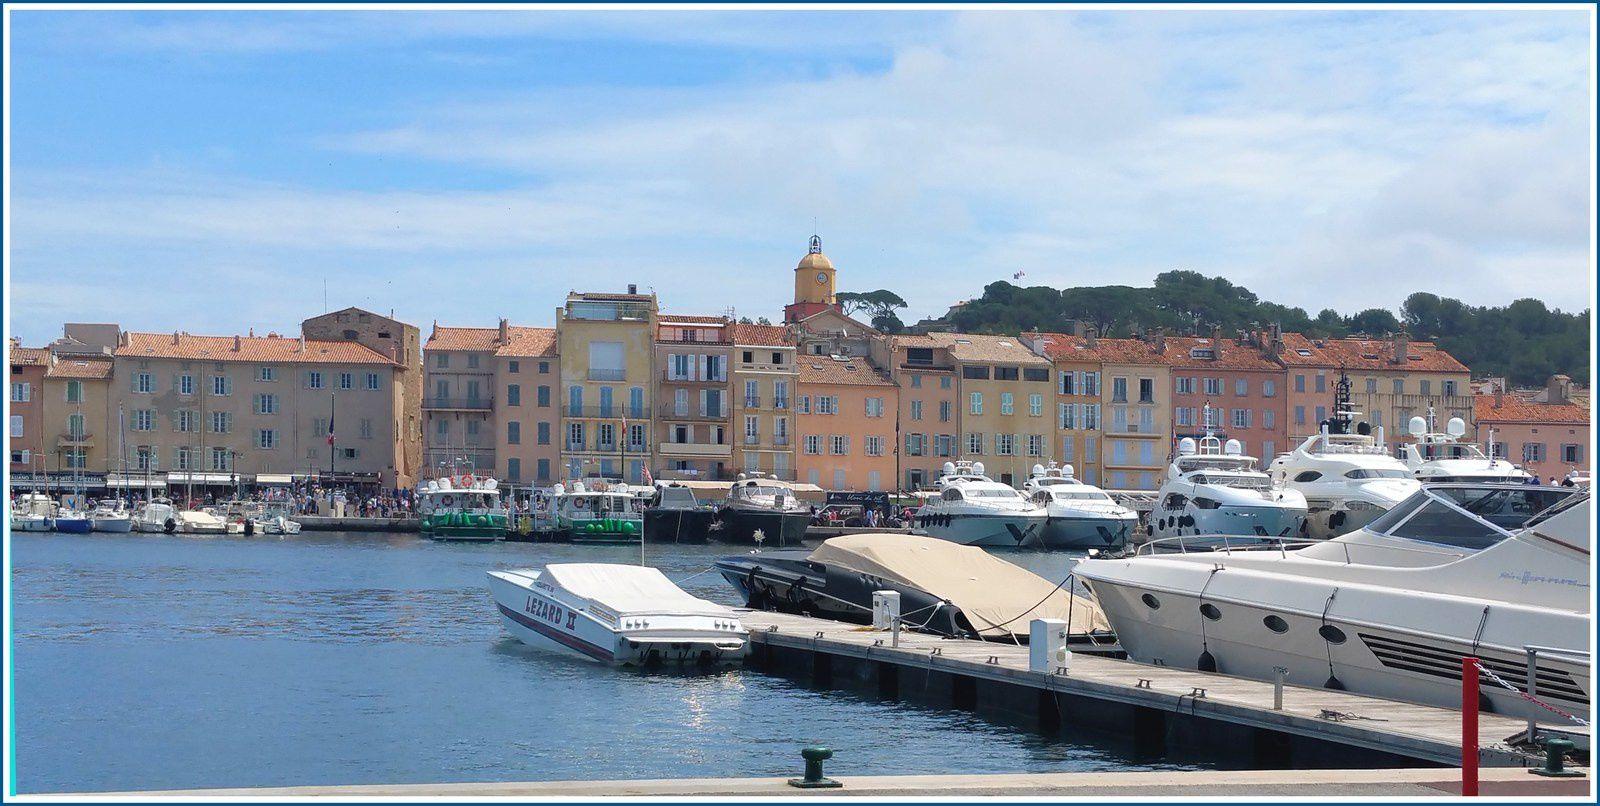 276 - Flânerie dans le port de Saint-Tropez, 21 juin 2016, la quiétude avant la pleine saison touristique... photos© en passant, Provence Côte d'Azur